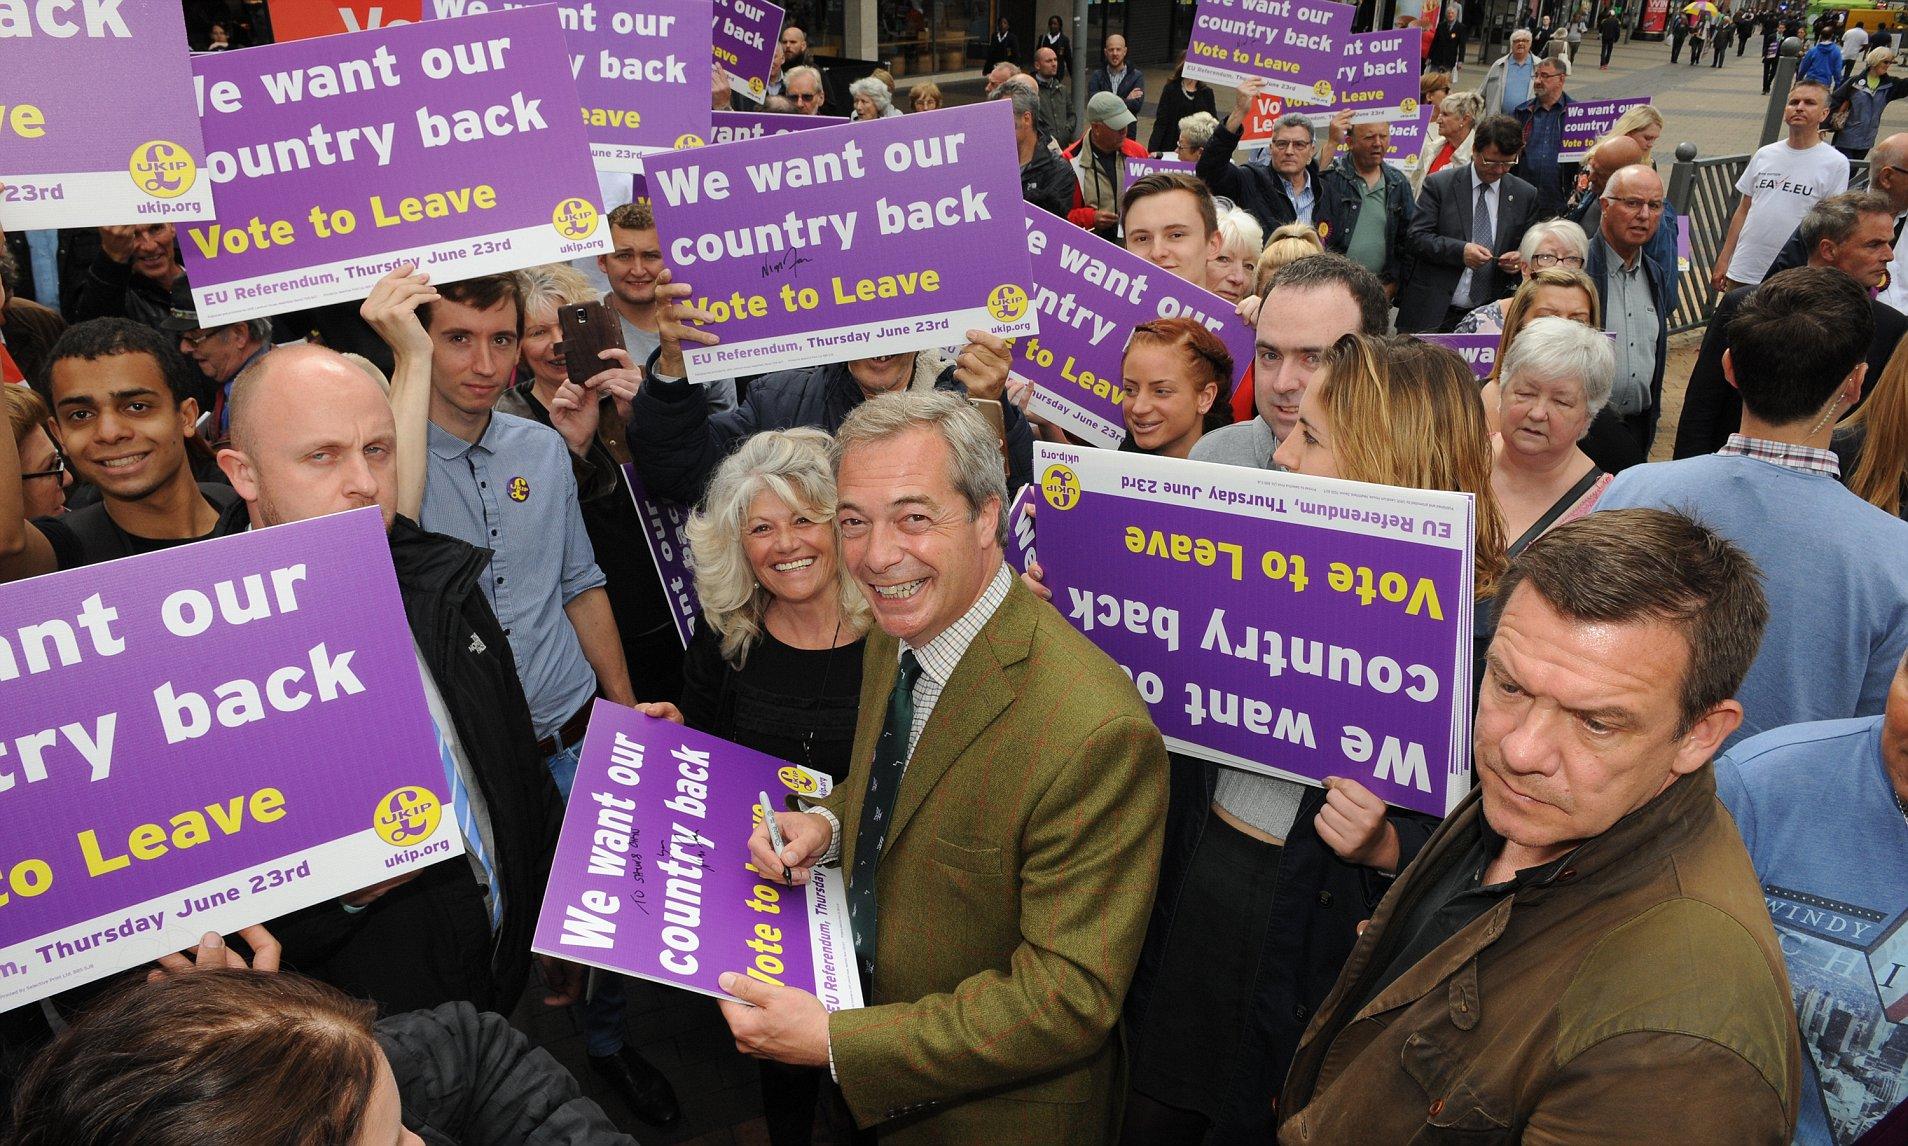 Profits Soaring for Crest Nicholson Brushing Aside Concerns Over the EU Referendum